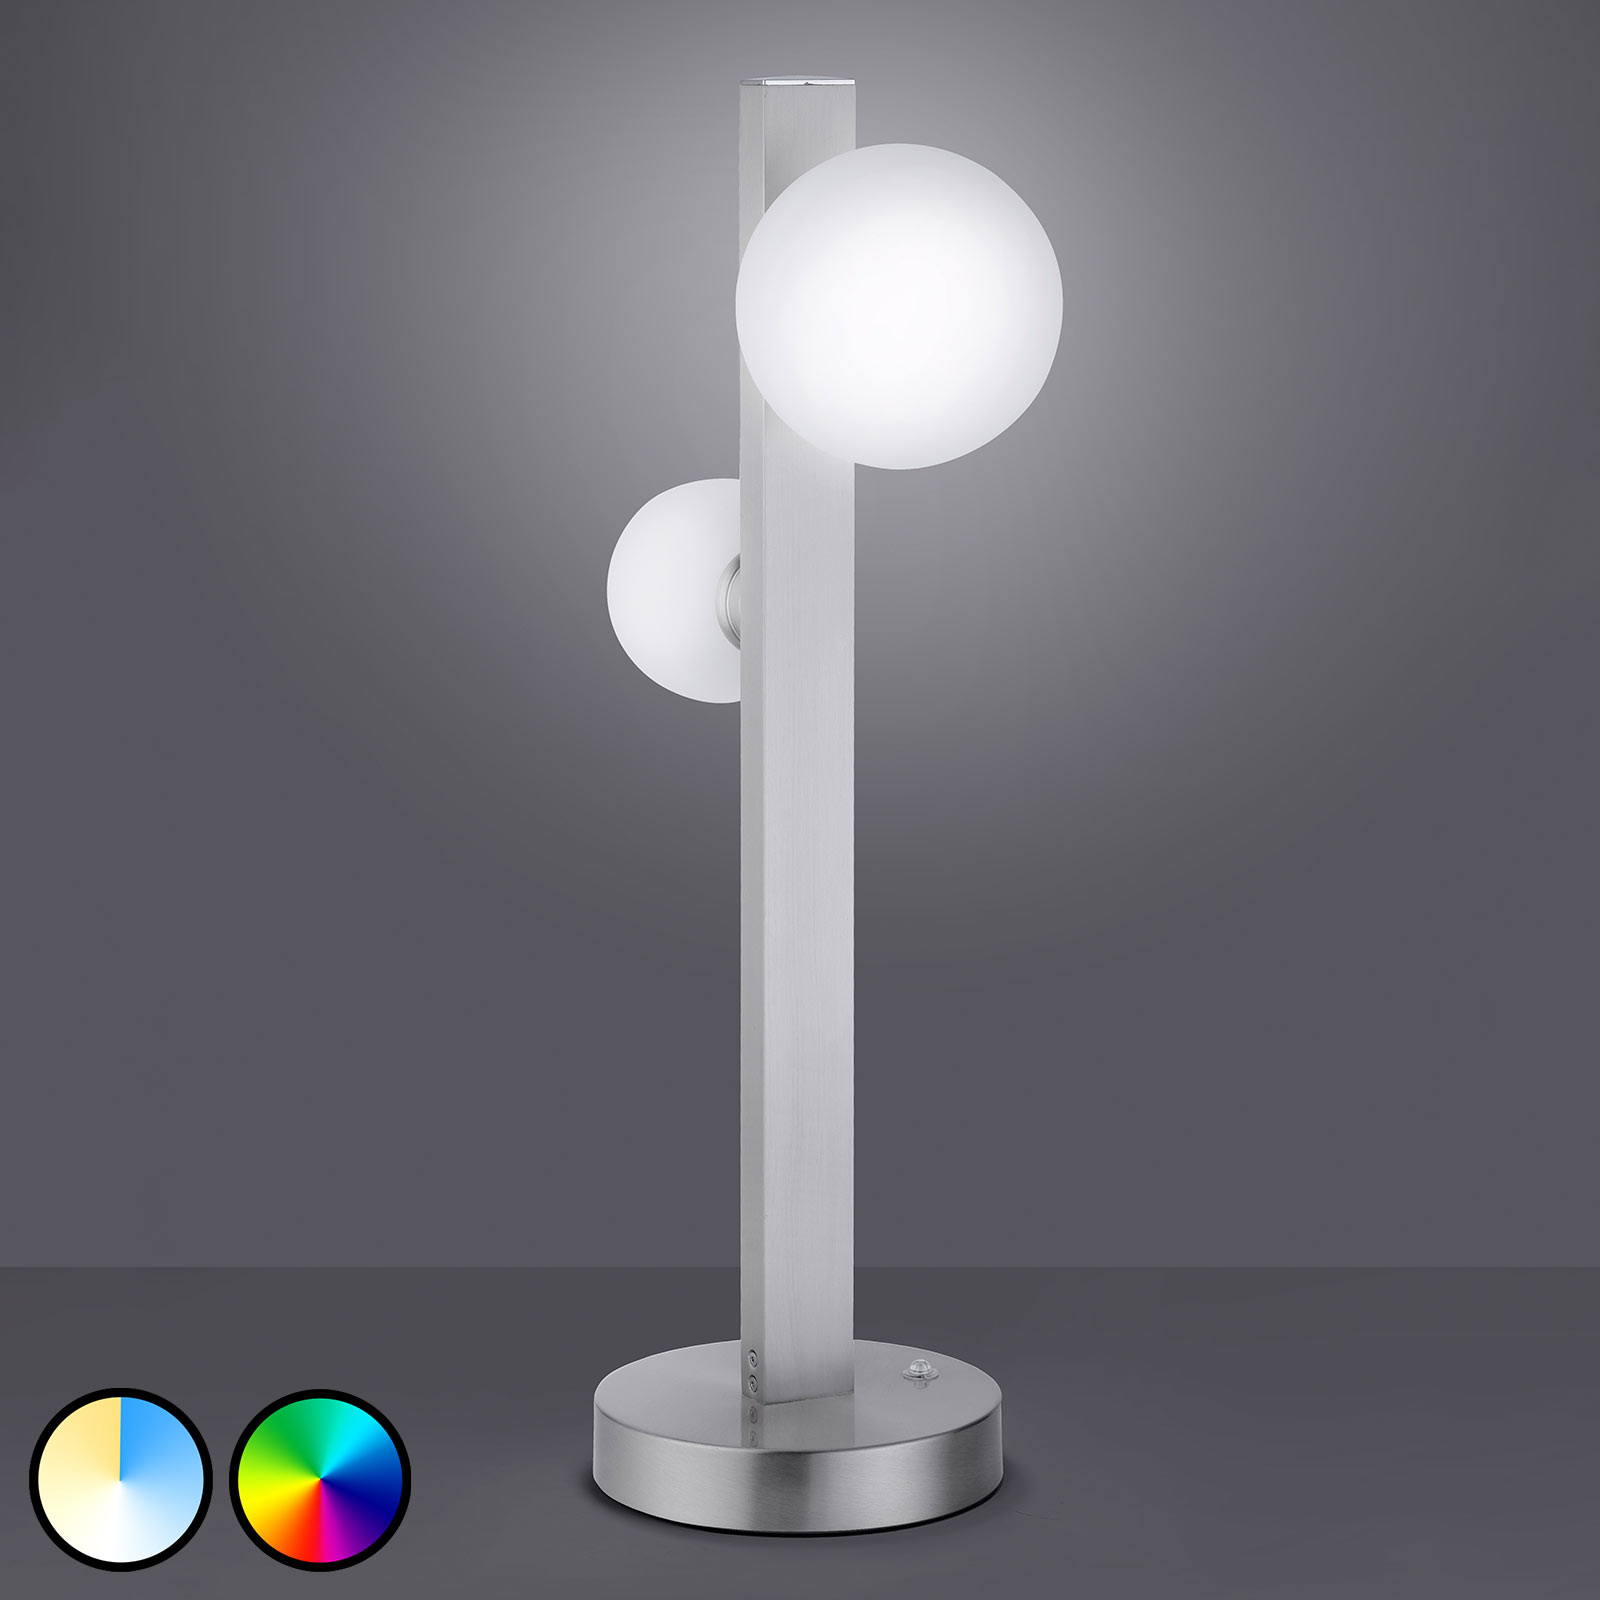 Trio WiZ Dicapo LED tafellamp, 2-lamps